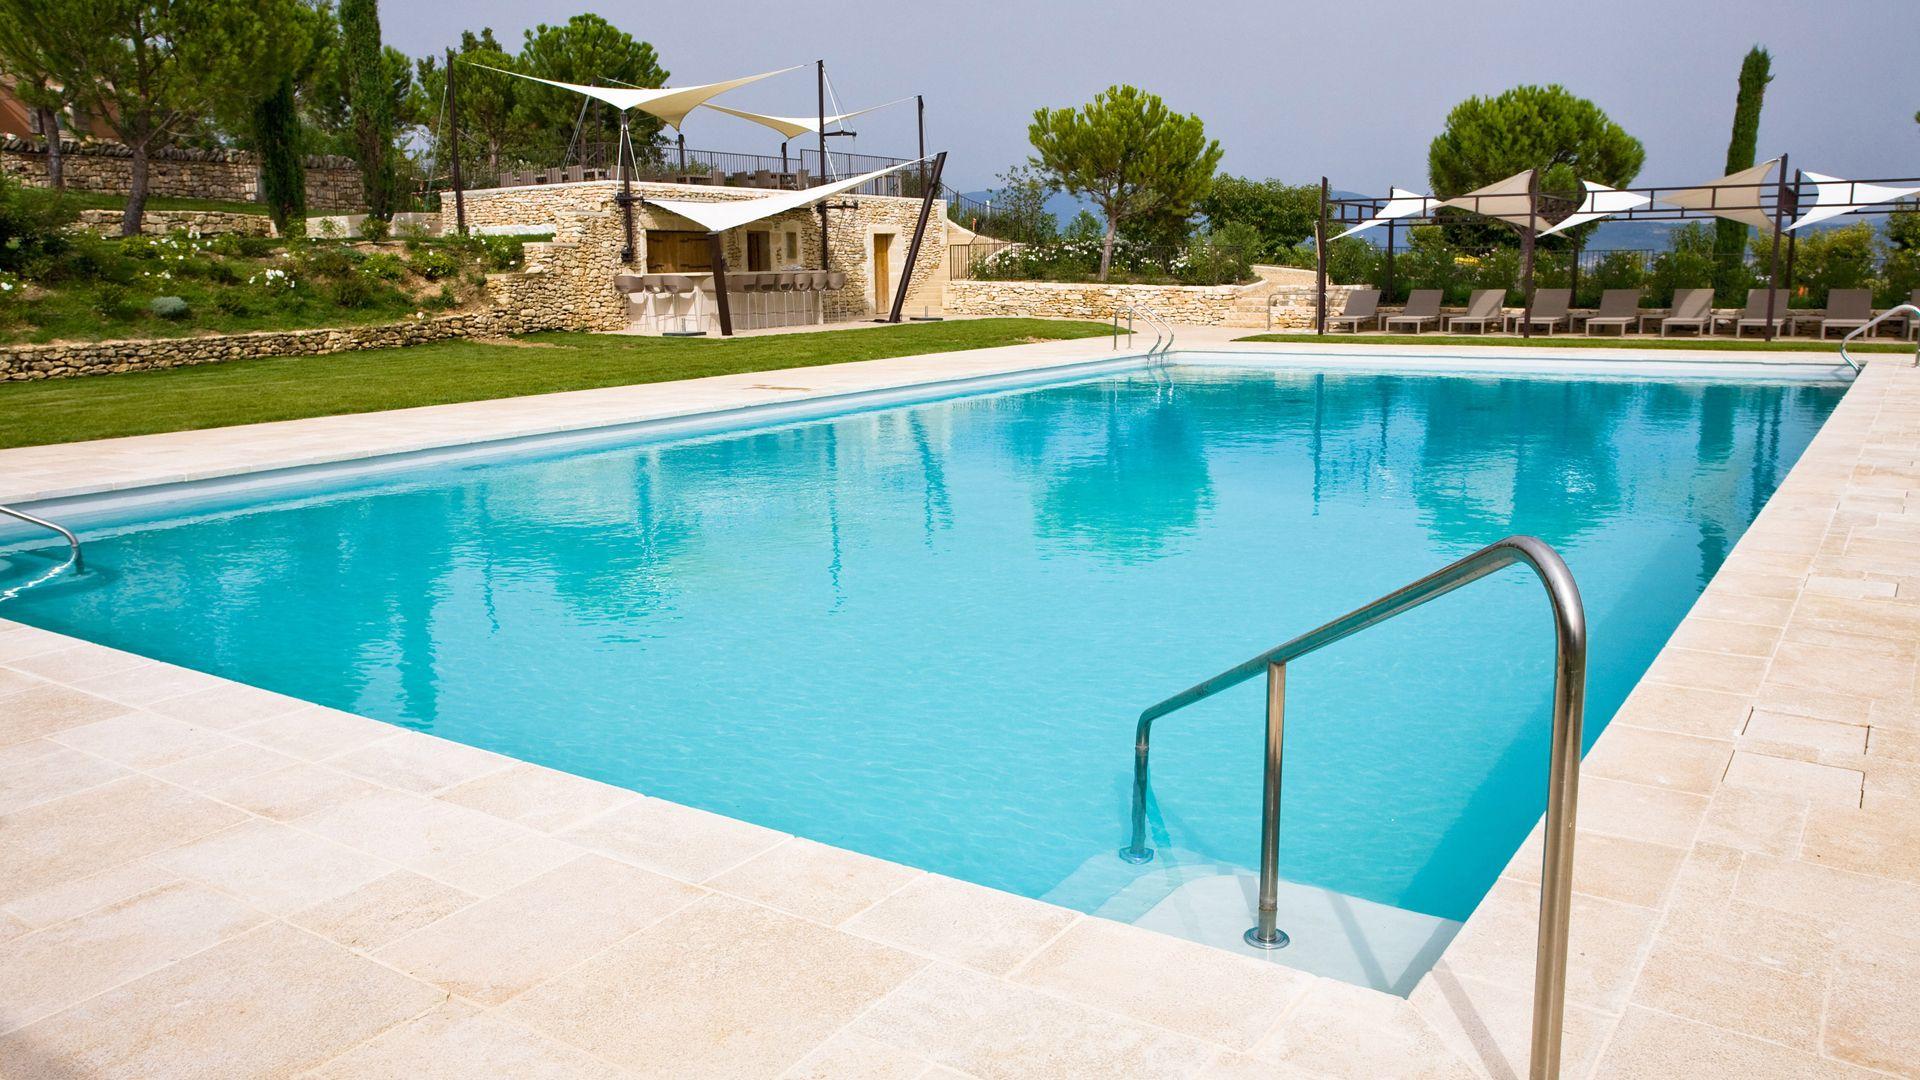 Quels aménagements sont à prévoir autour de la piscine ?